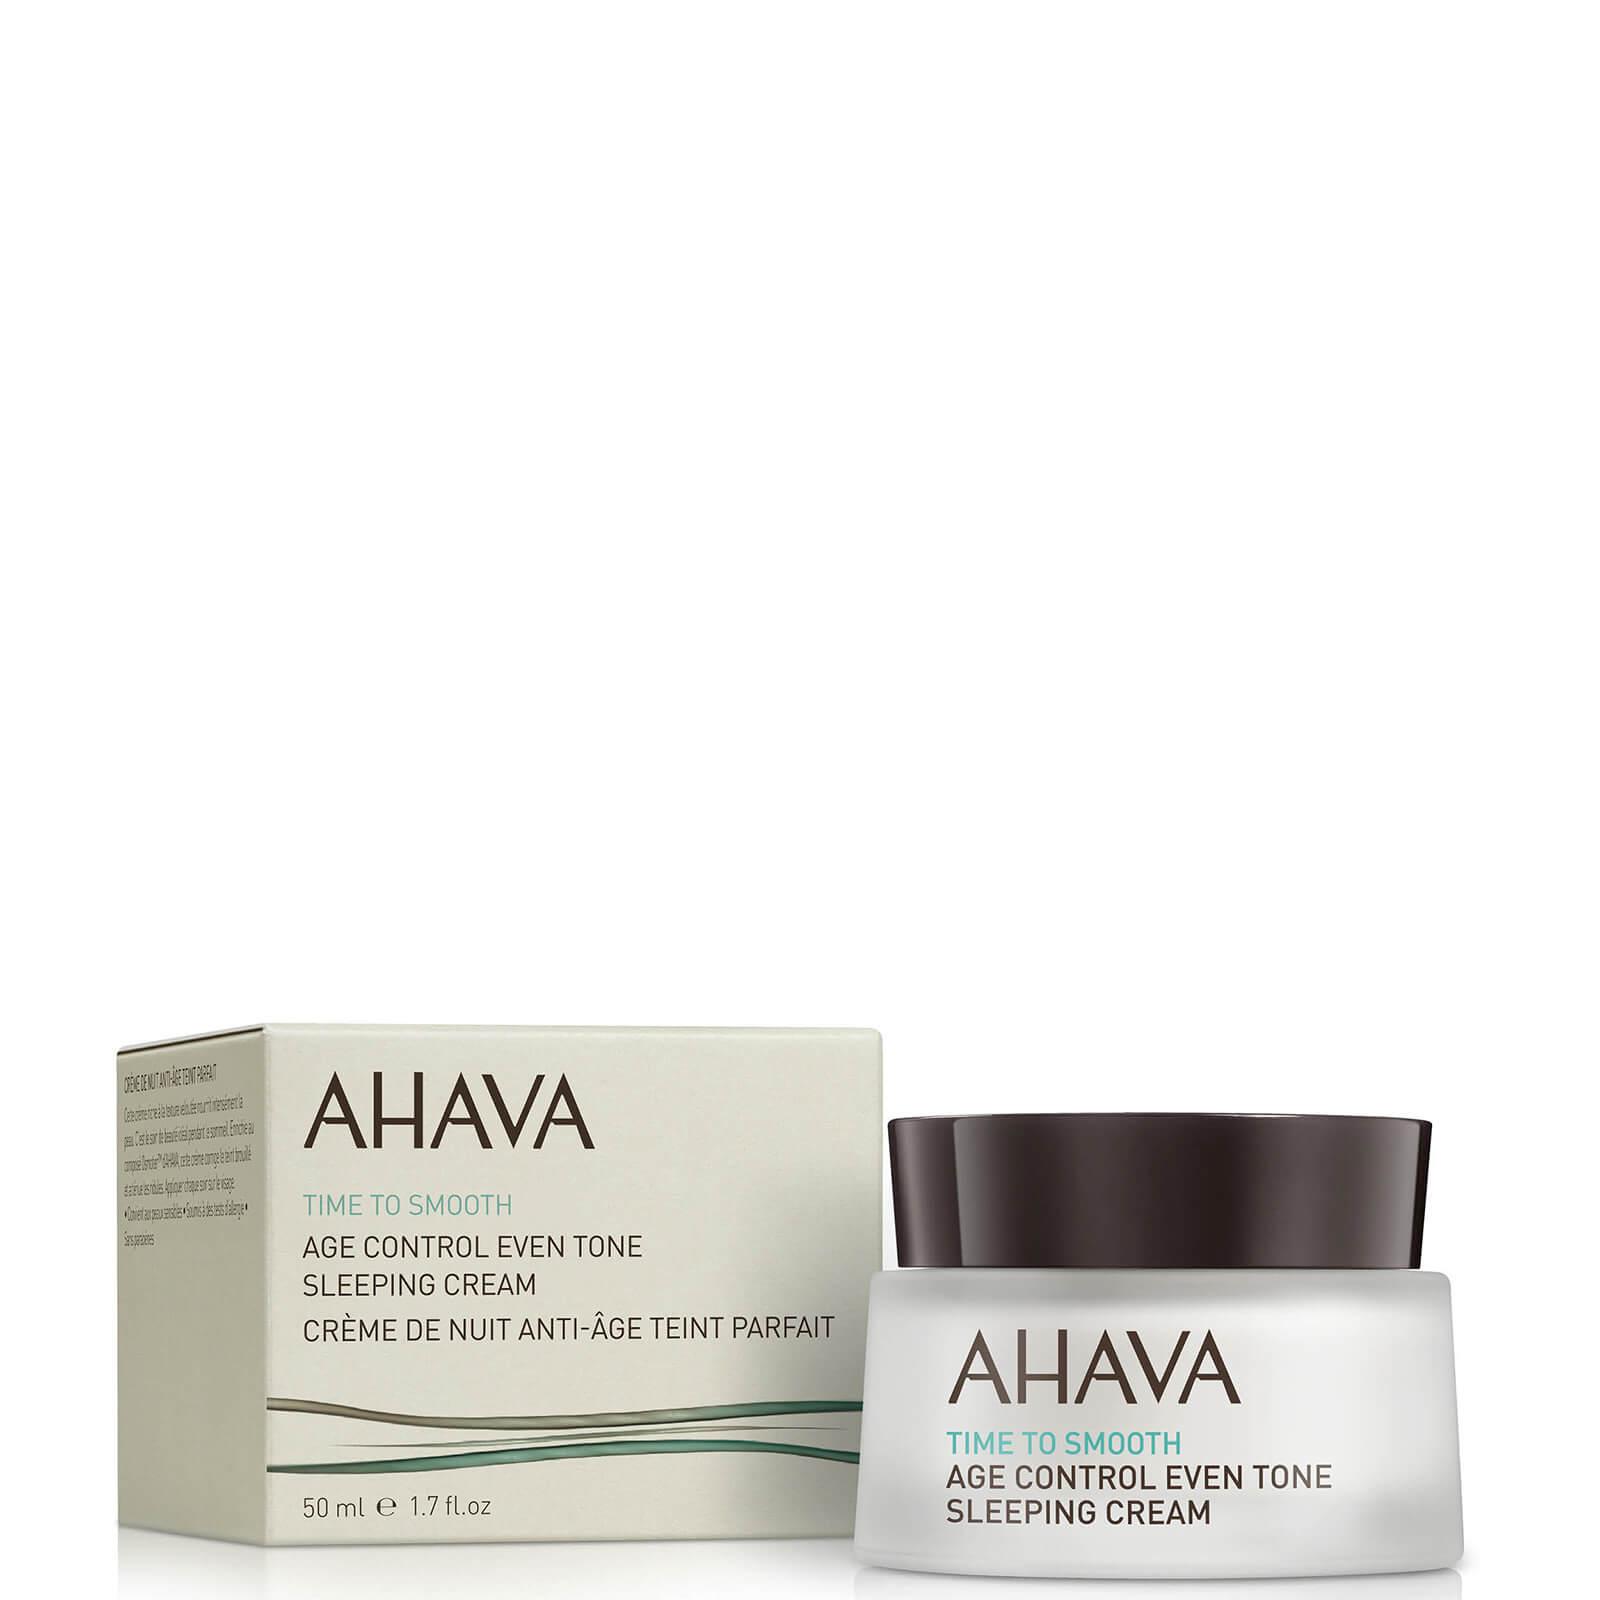 Купить Ночной антивозрастной, увлажняющий, выравнивающий тон кожи крем AHAVA Age Control Even Tone Sleeping Cream 50мл